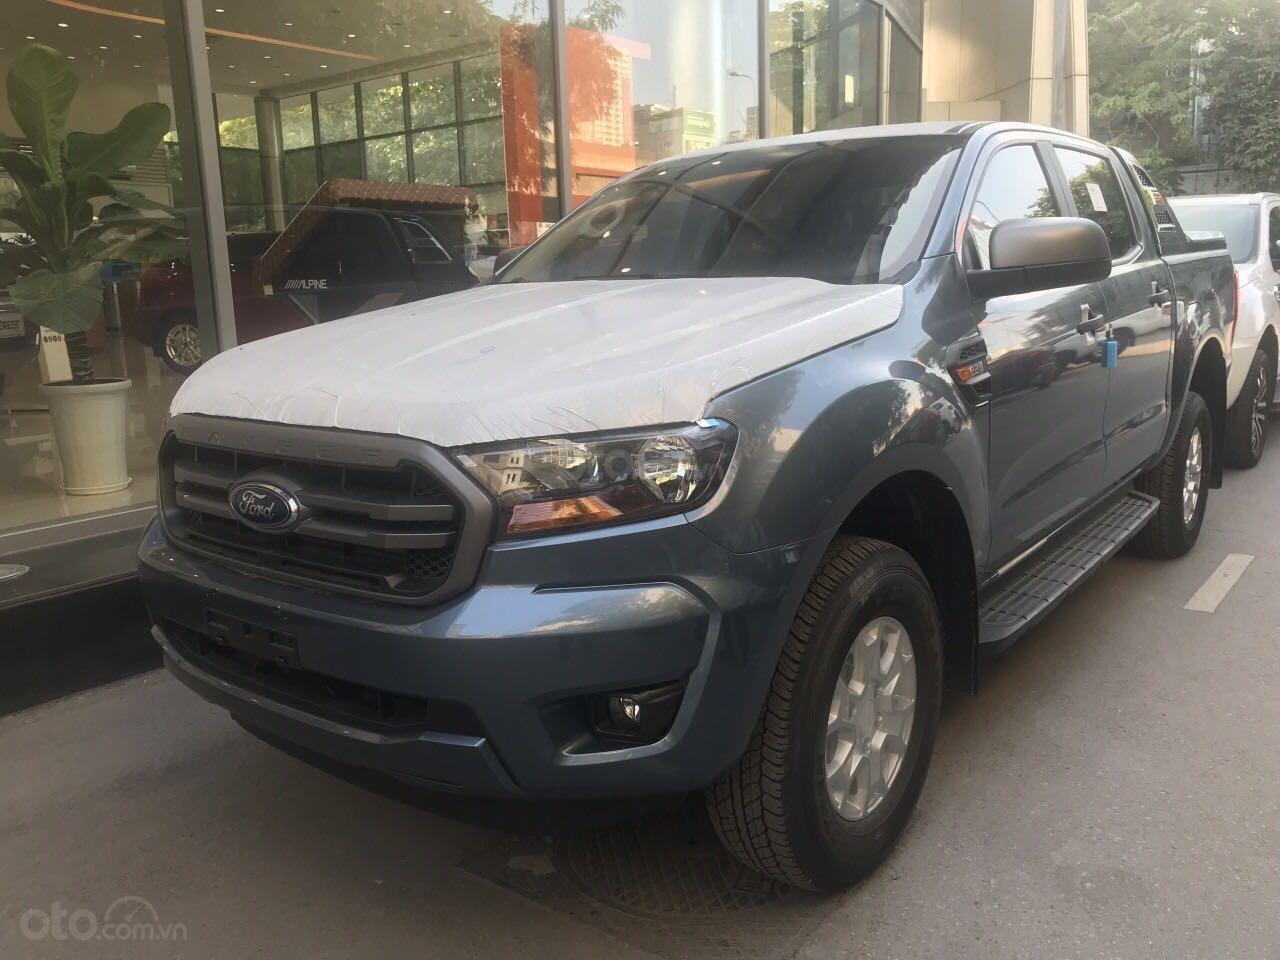 Chỉ với 150 triệu đồng bạn đã là chủ sở hữu chiếc xe bán tải XLS AT 2019 với giá bán 643 triệu, liên hệ 0978664524 (1)